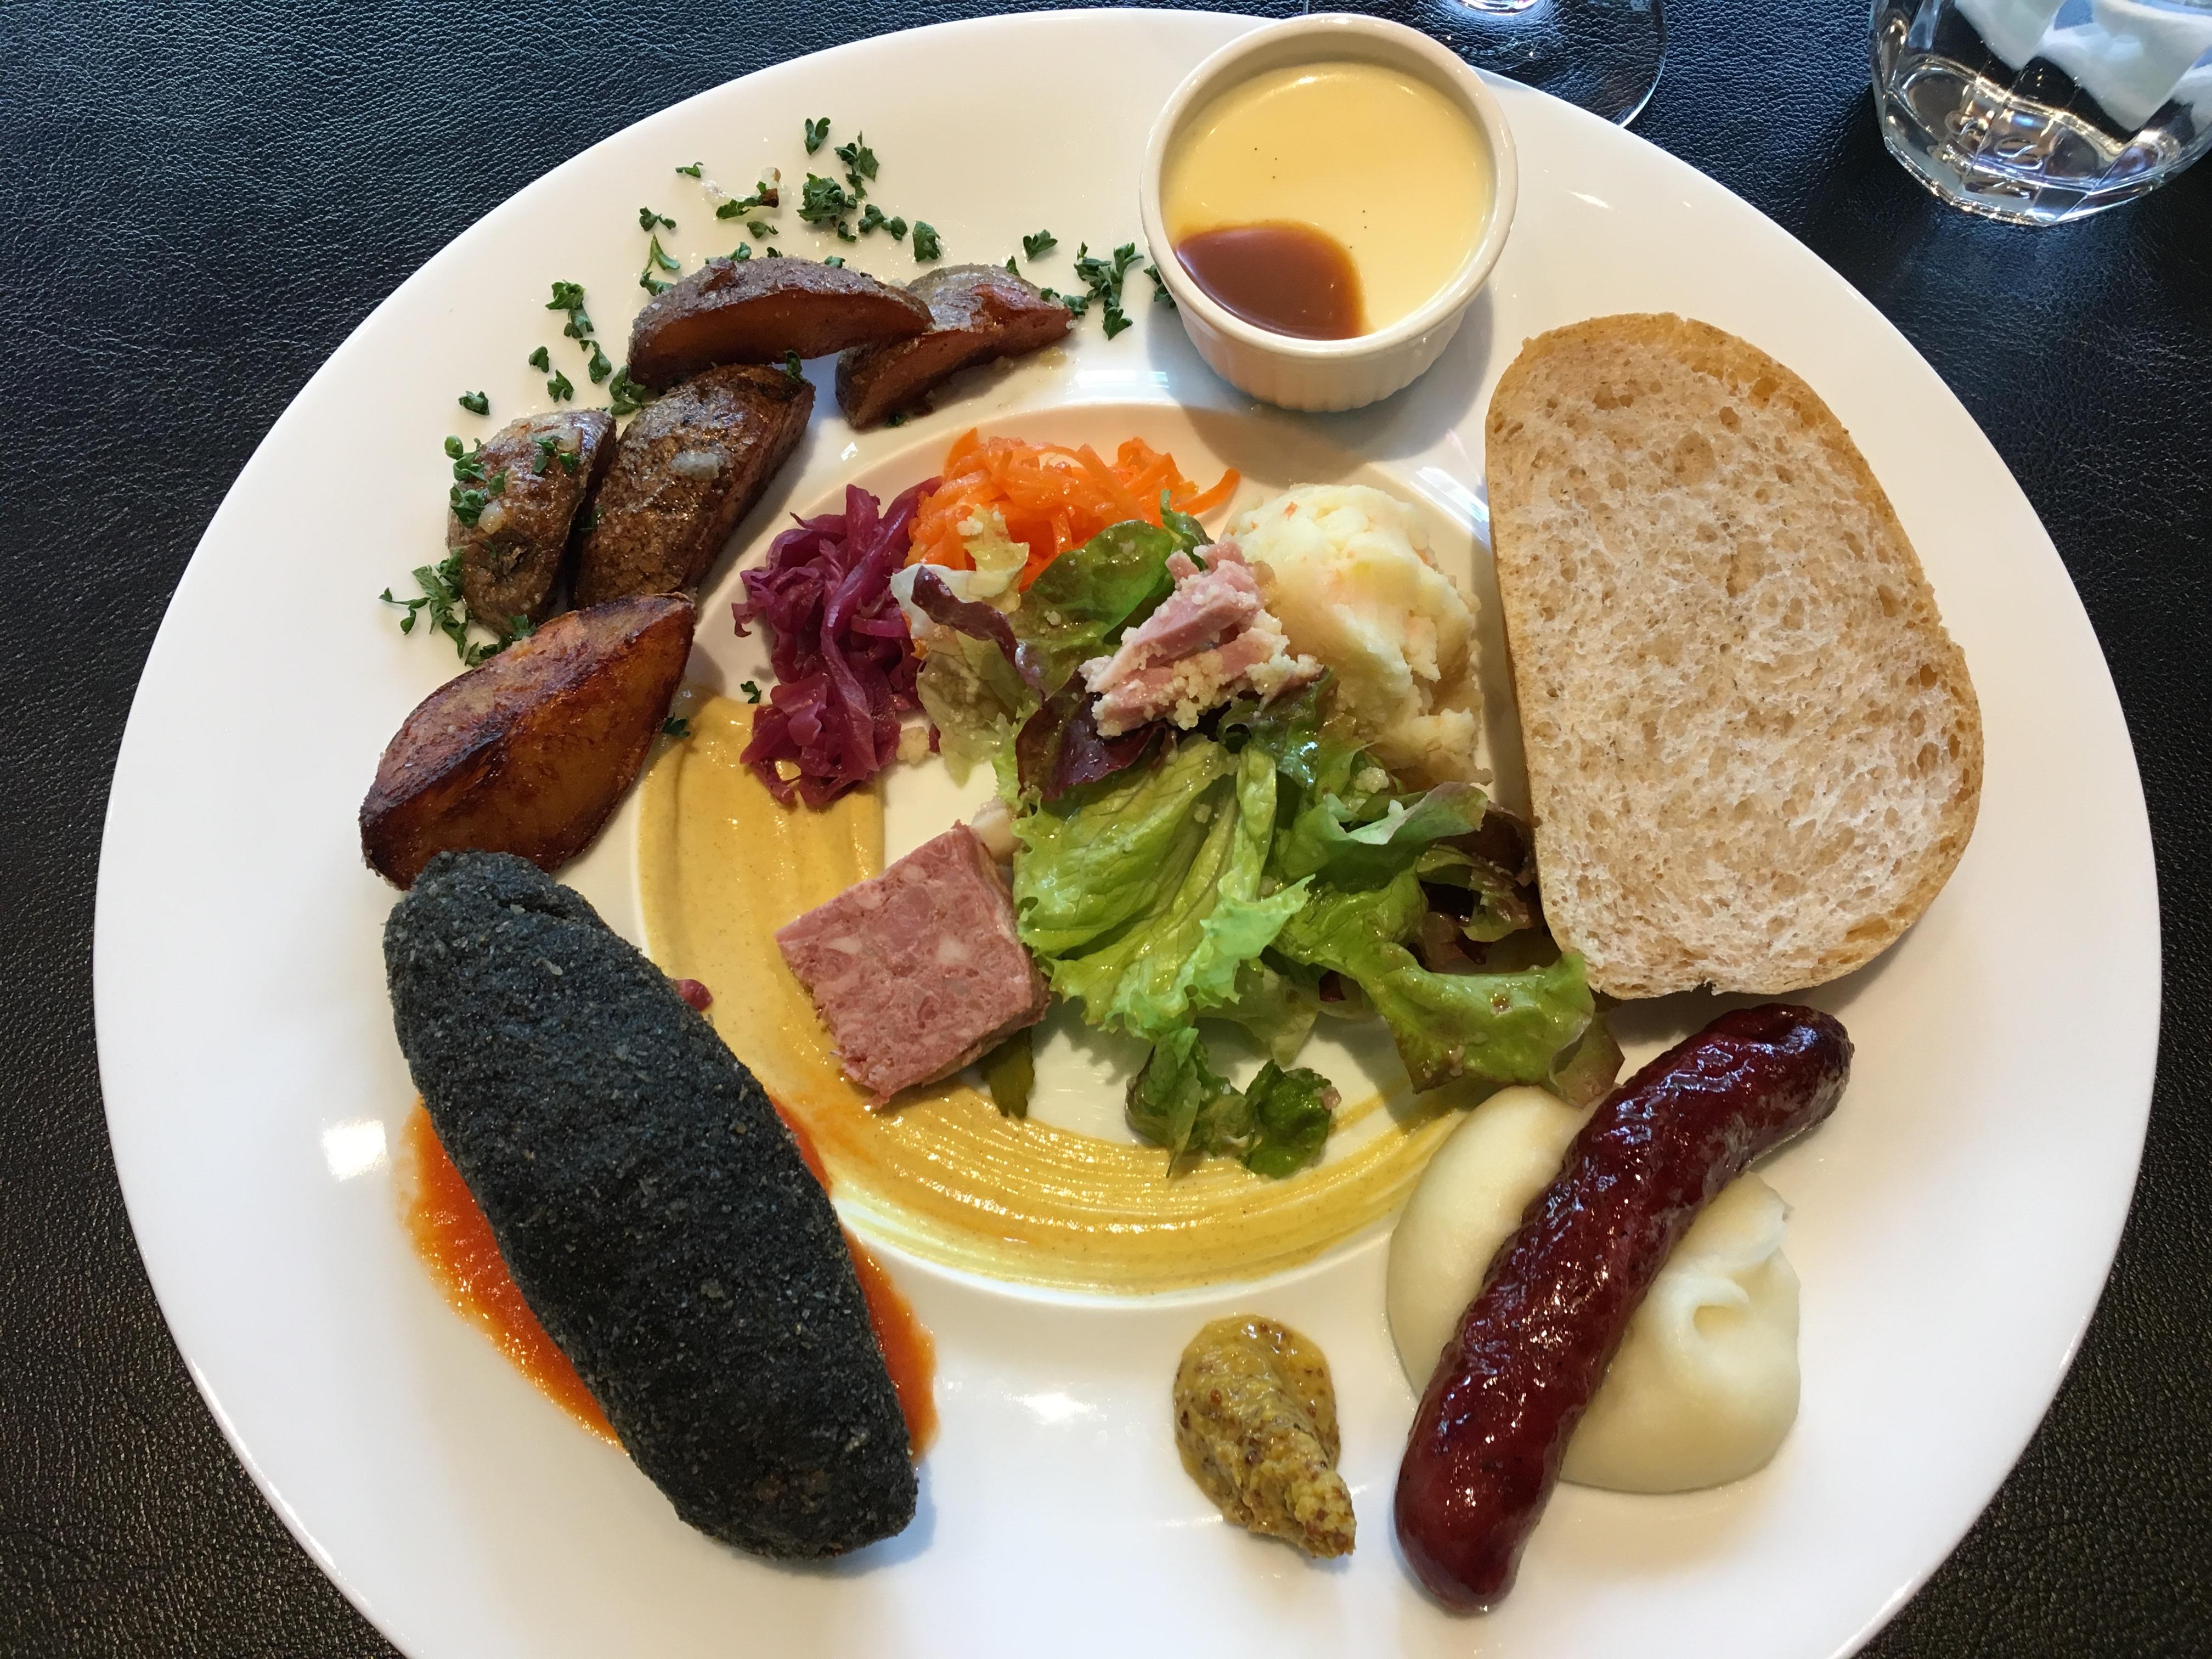 札幌赤れんが庁舎をさらっと見学後は、北海道産の野菜とお肉のワンプレートランチ!